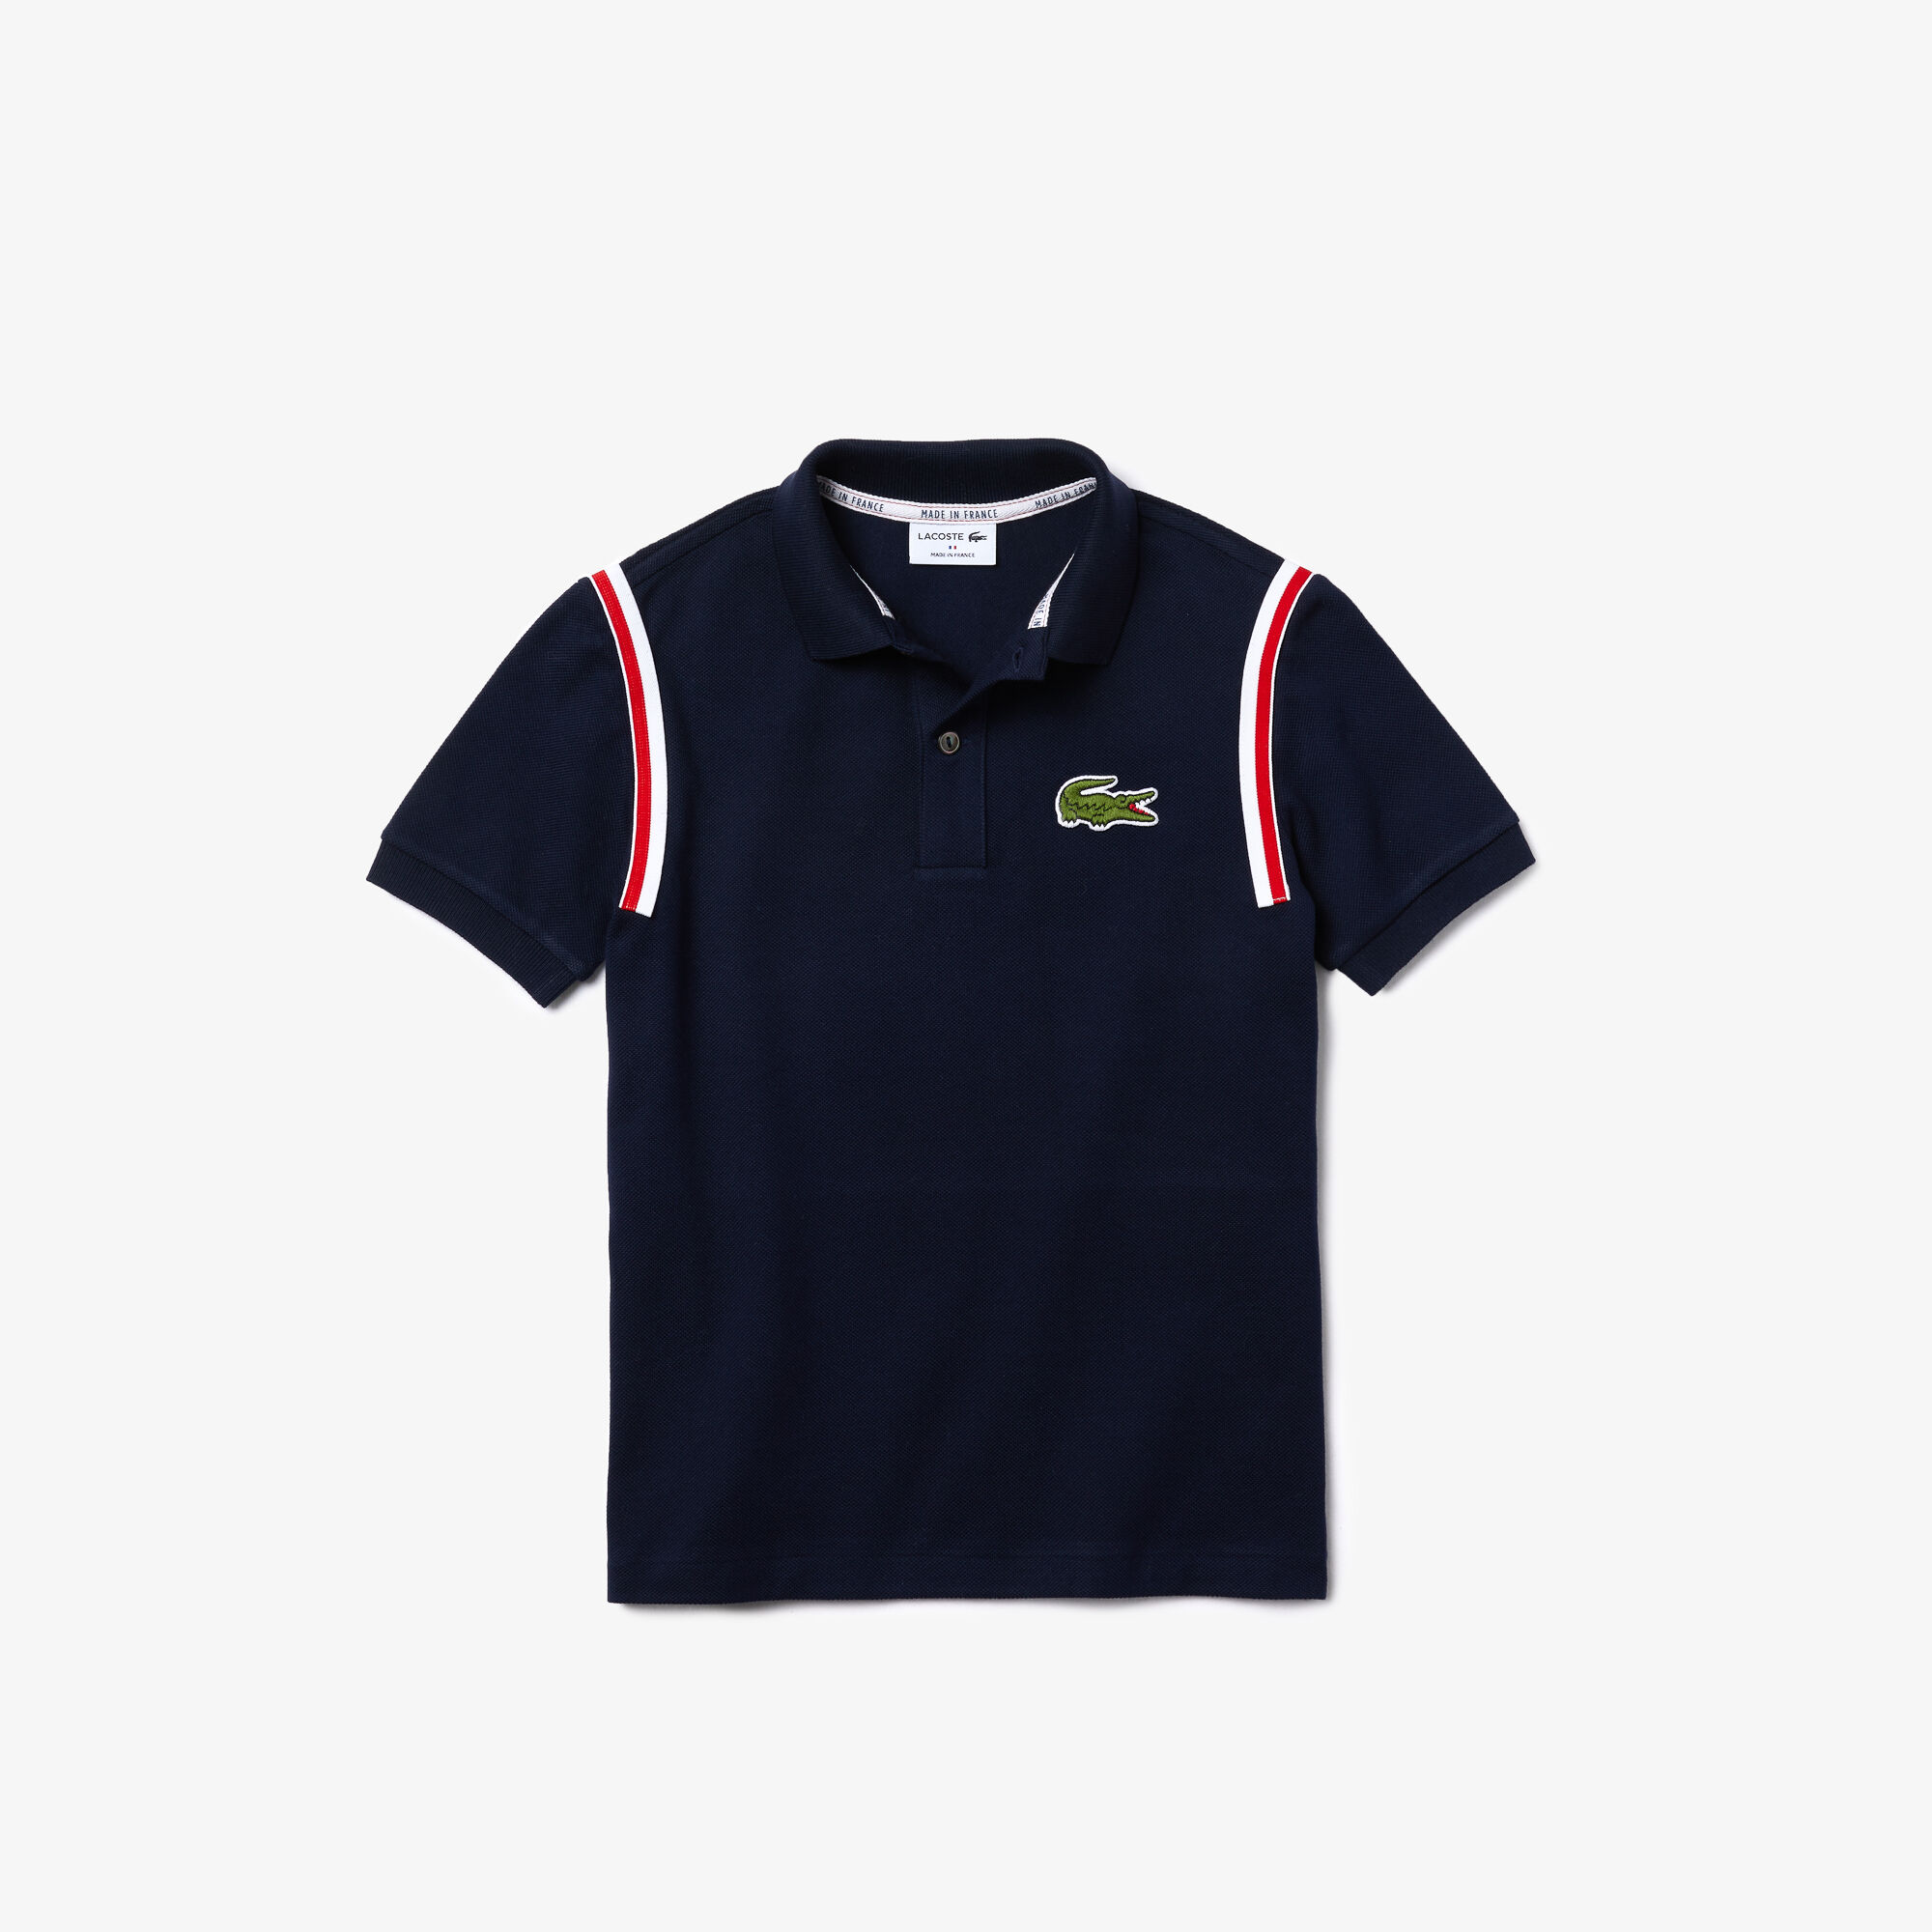 قميص بولو من بيكيه القطن العضوي للأولاد مجموعة Made In France